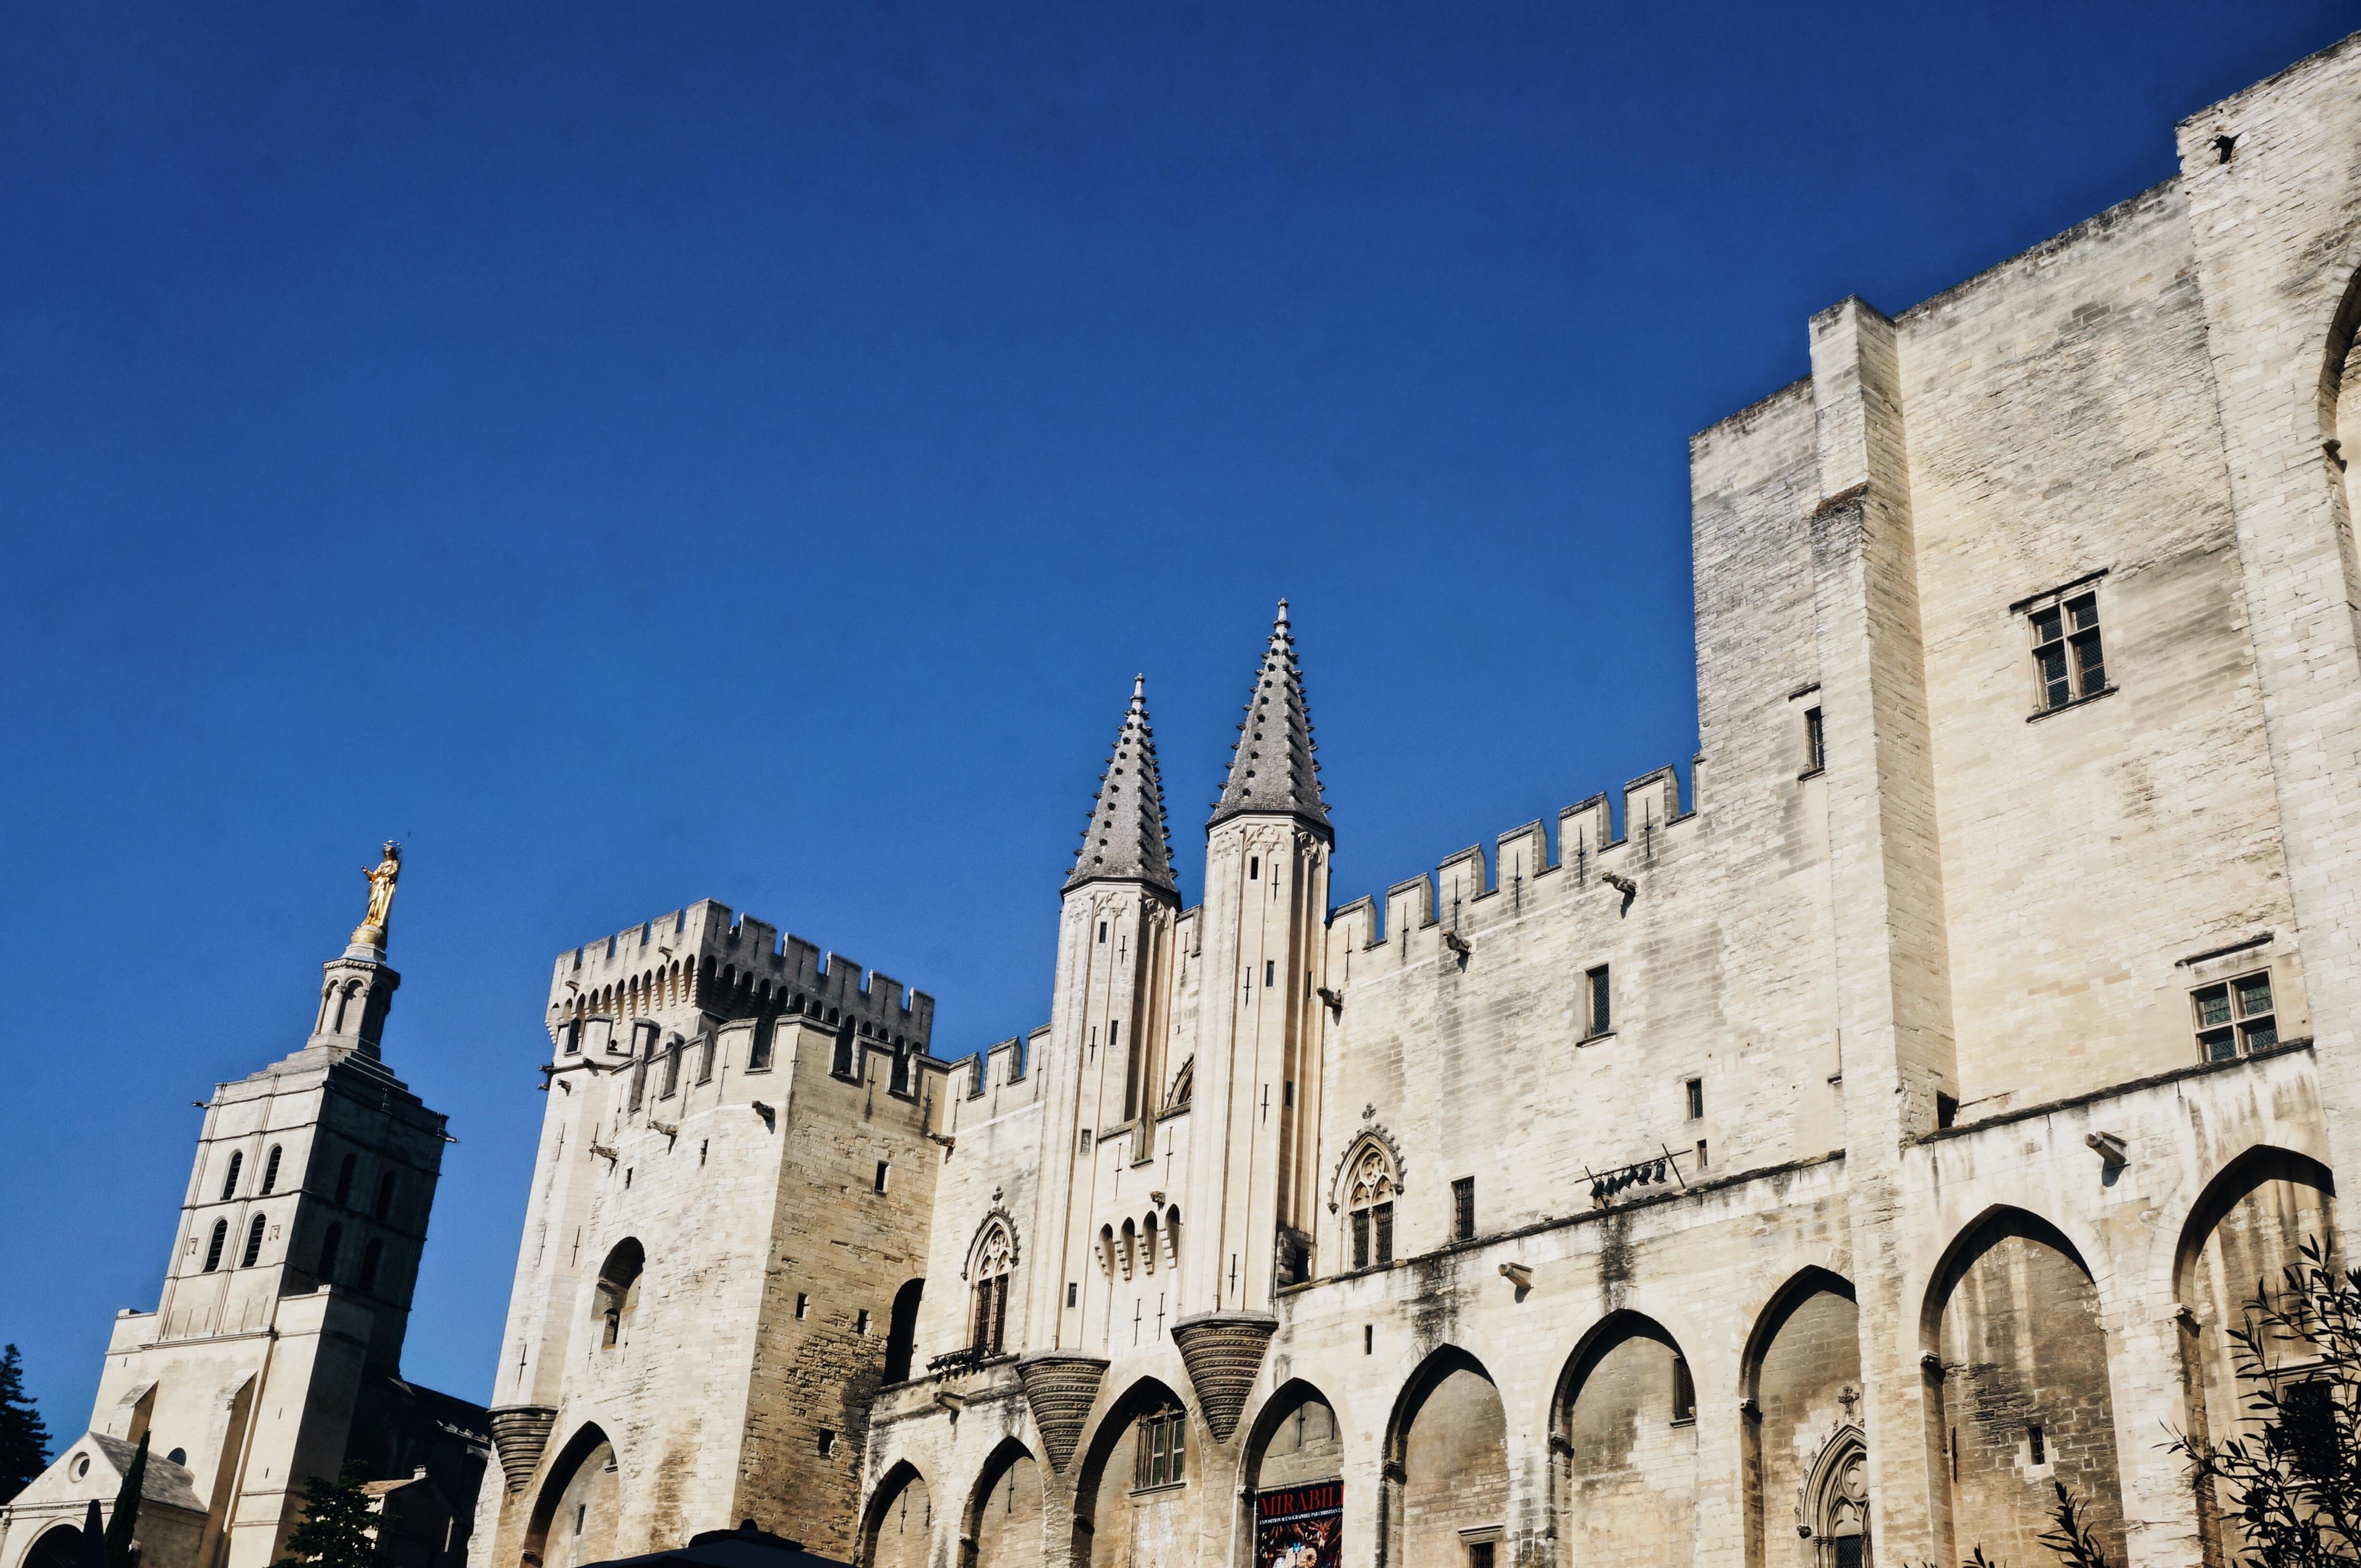 Avignon, Sehenswürdigkeiten, Stadt Frankreich, Highlights, Reisetipps, reiseguide, urlaubstipps Campingplatz